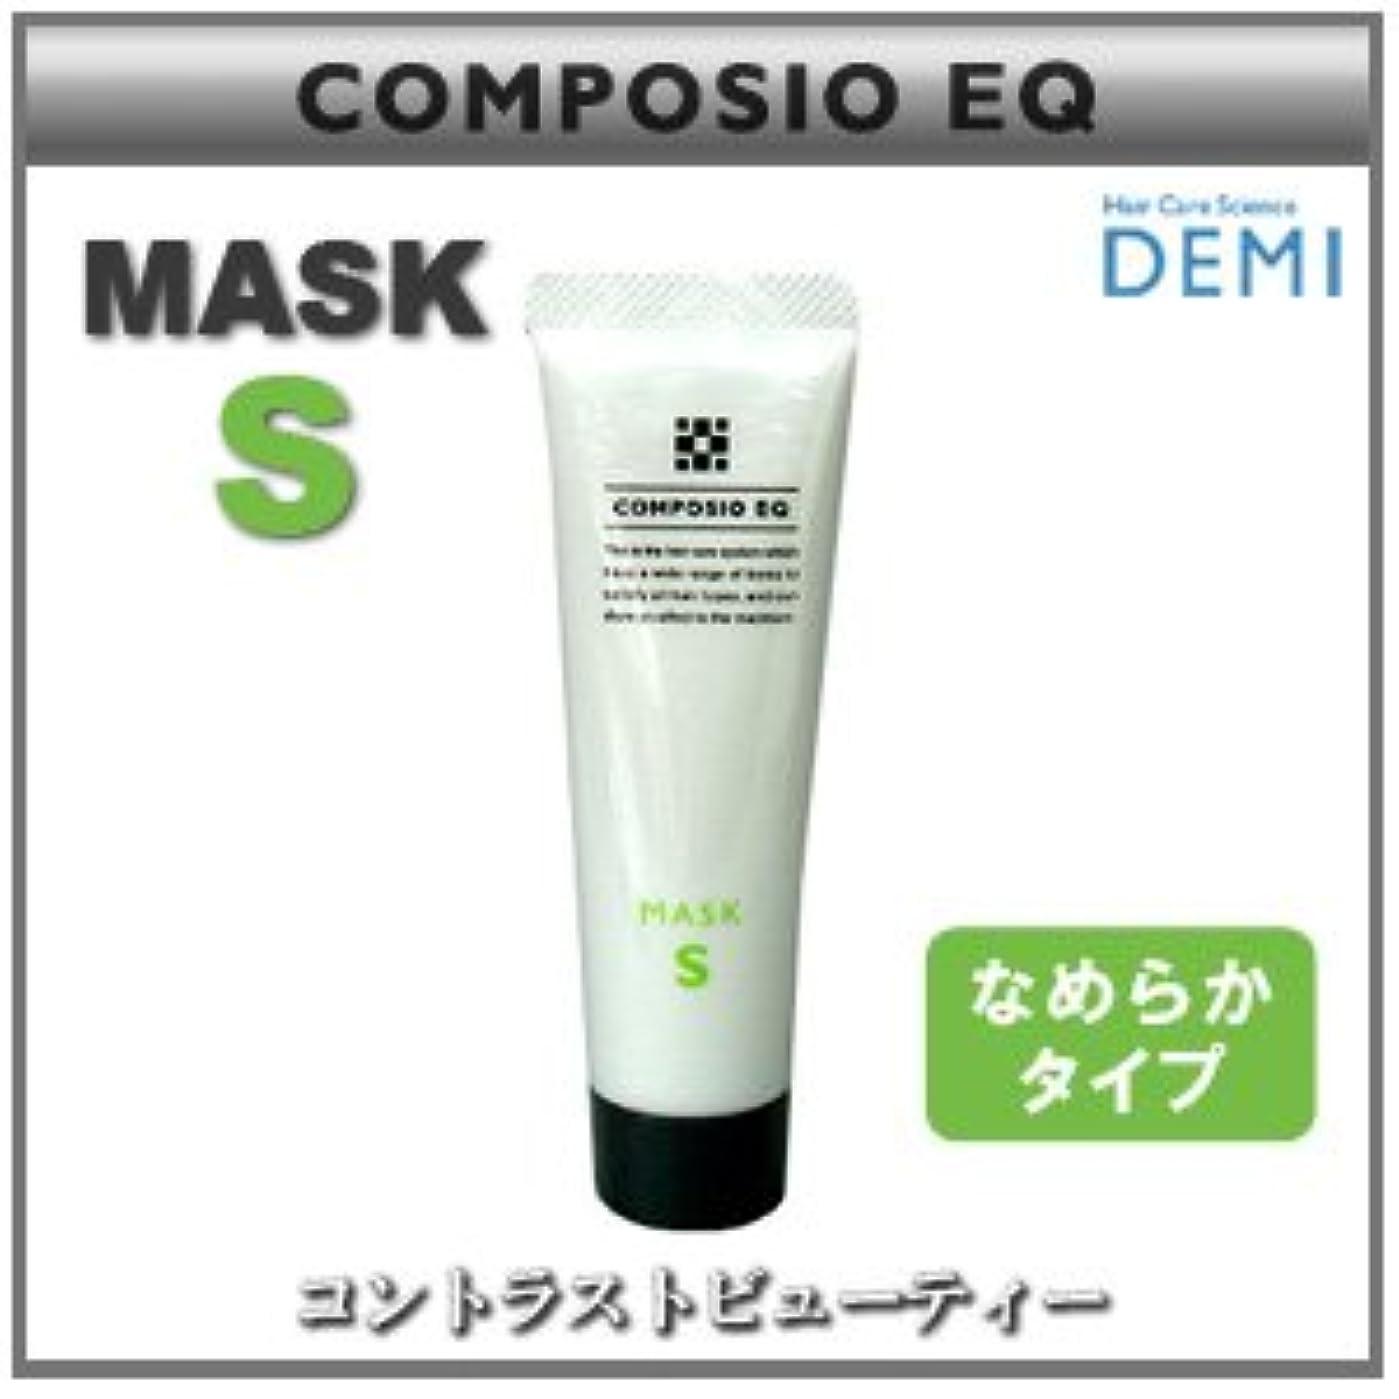 生態学逮捕州【X3個セット】 デミ コンポジオ EQ マスク S 50g